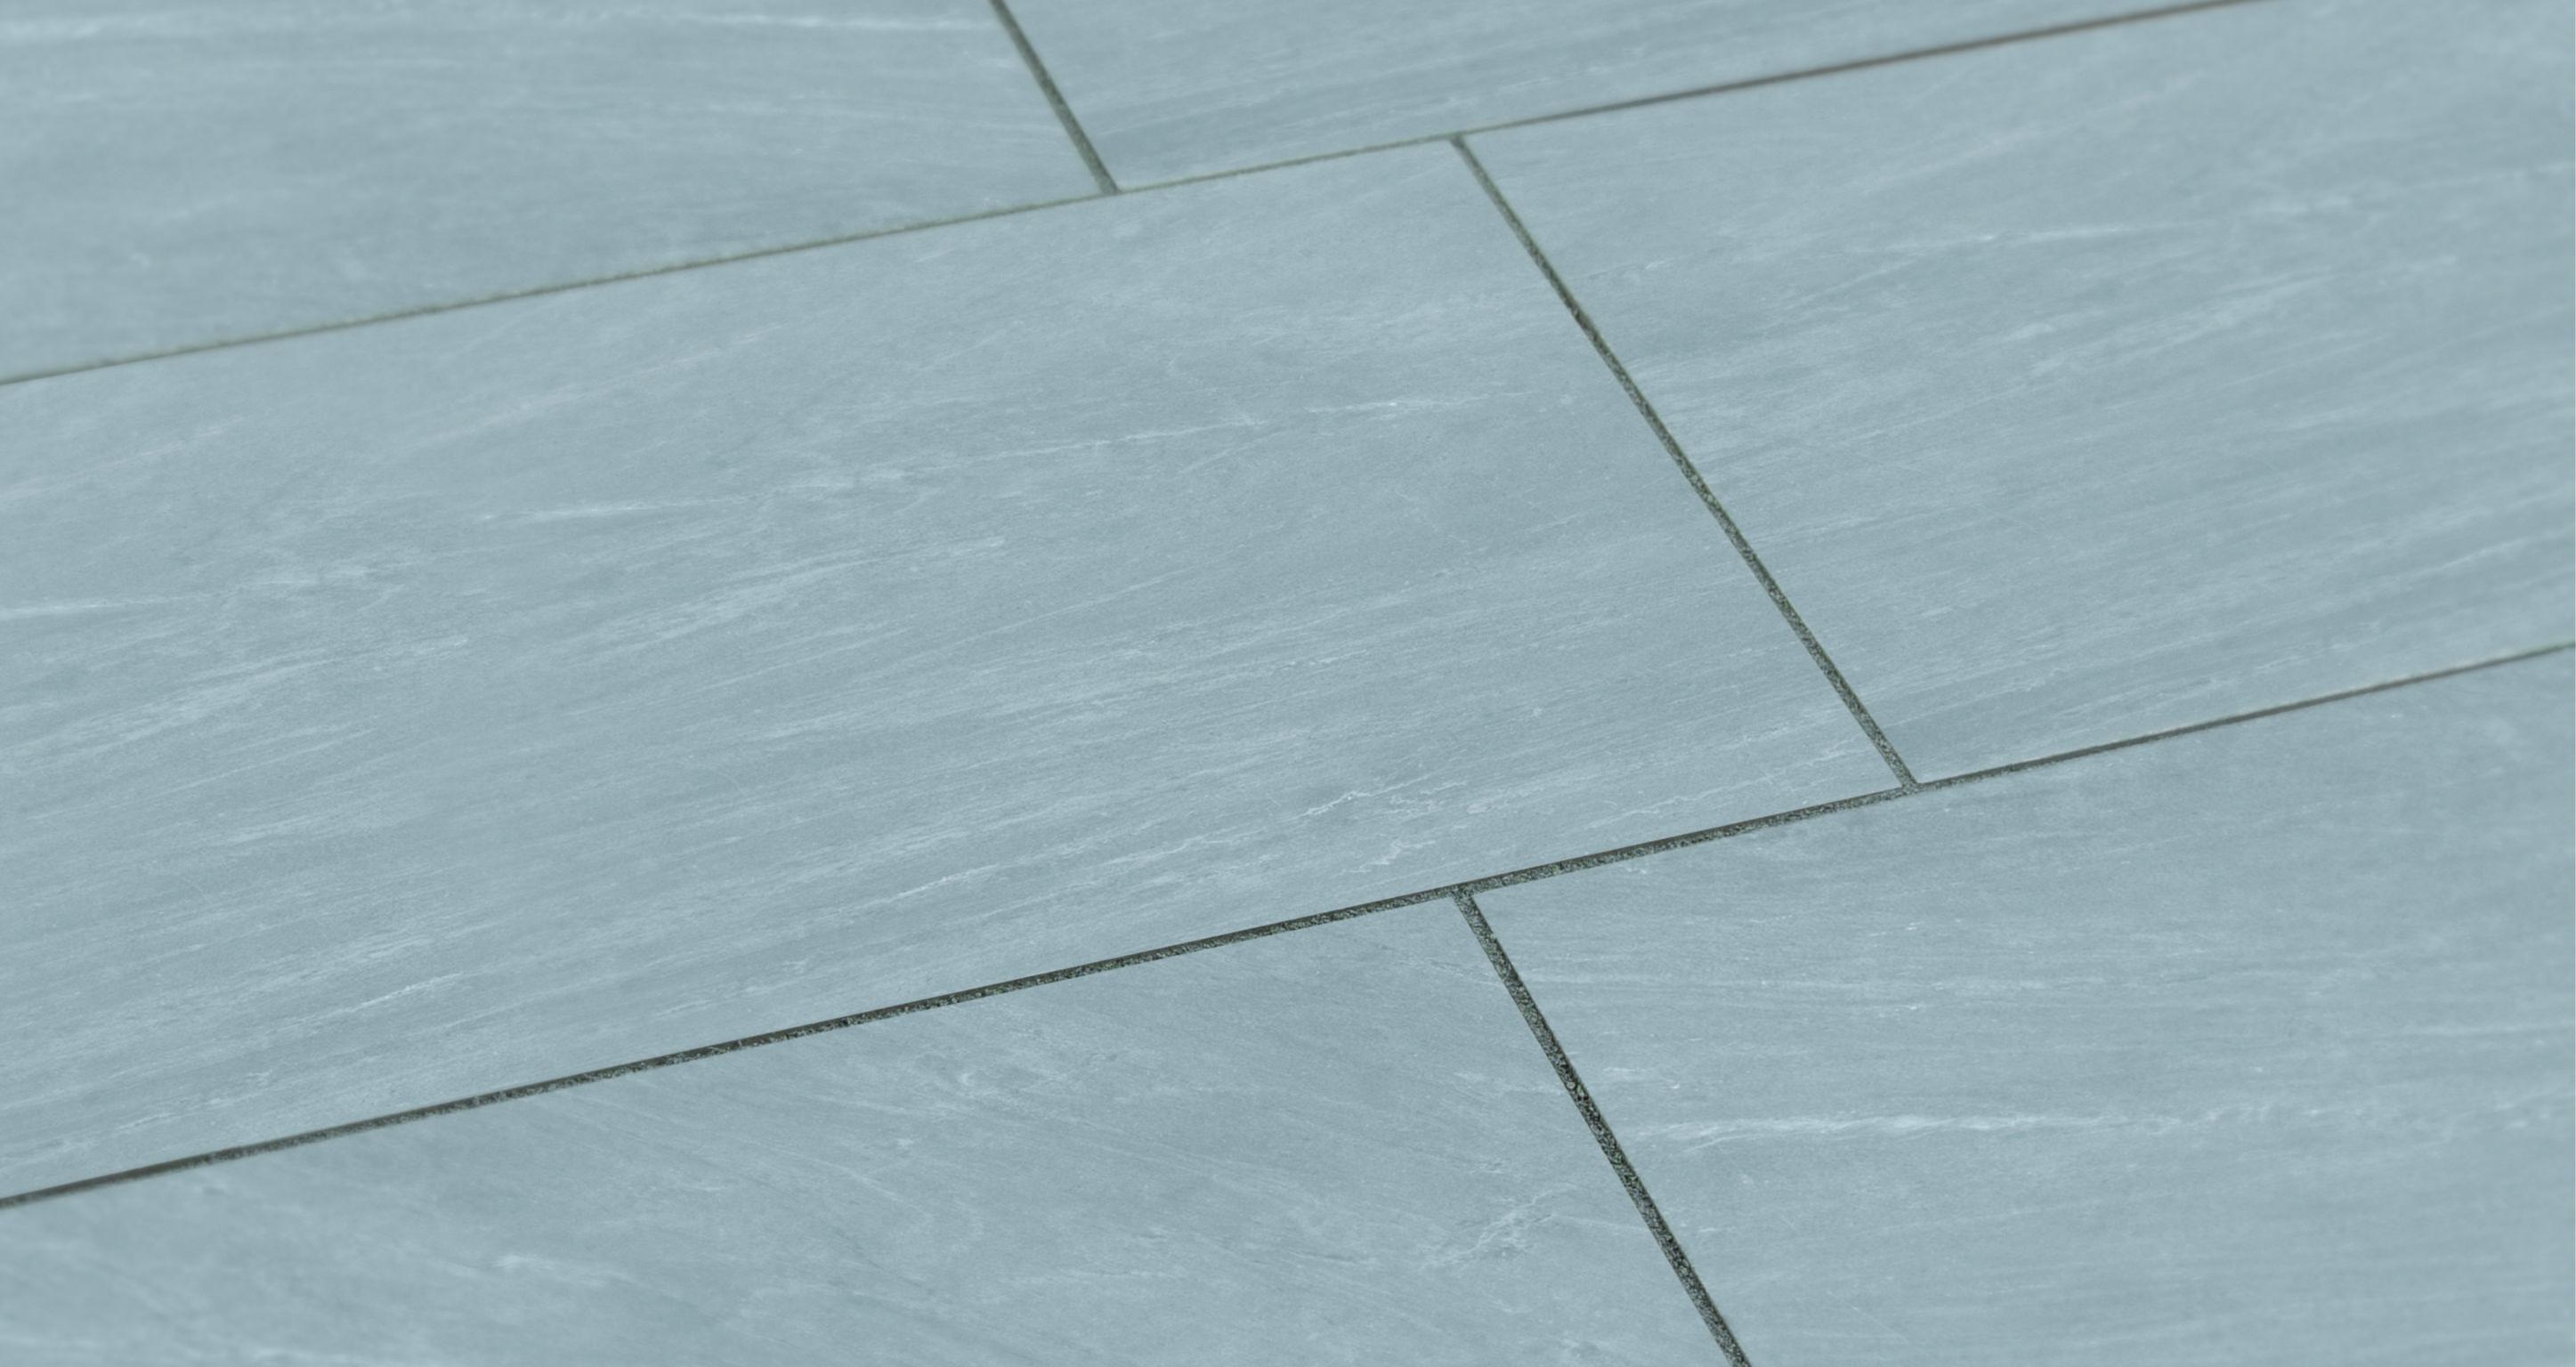 keramik terrassenplatten betonoptik wohn design. Black Bedroom Furniture Sets. Home Design Ideas